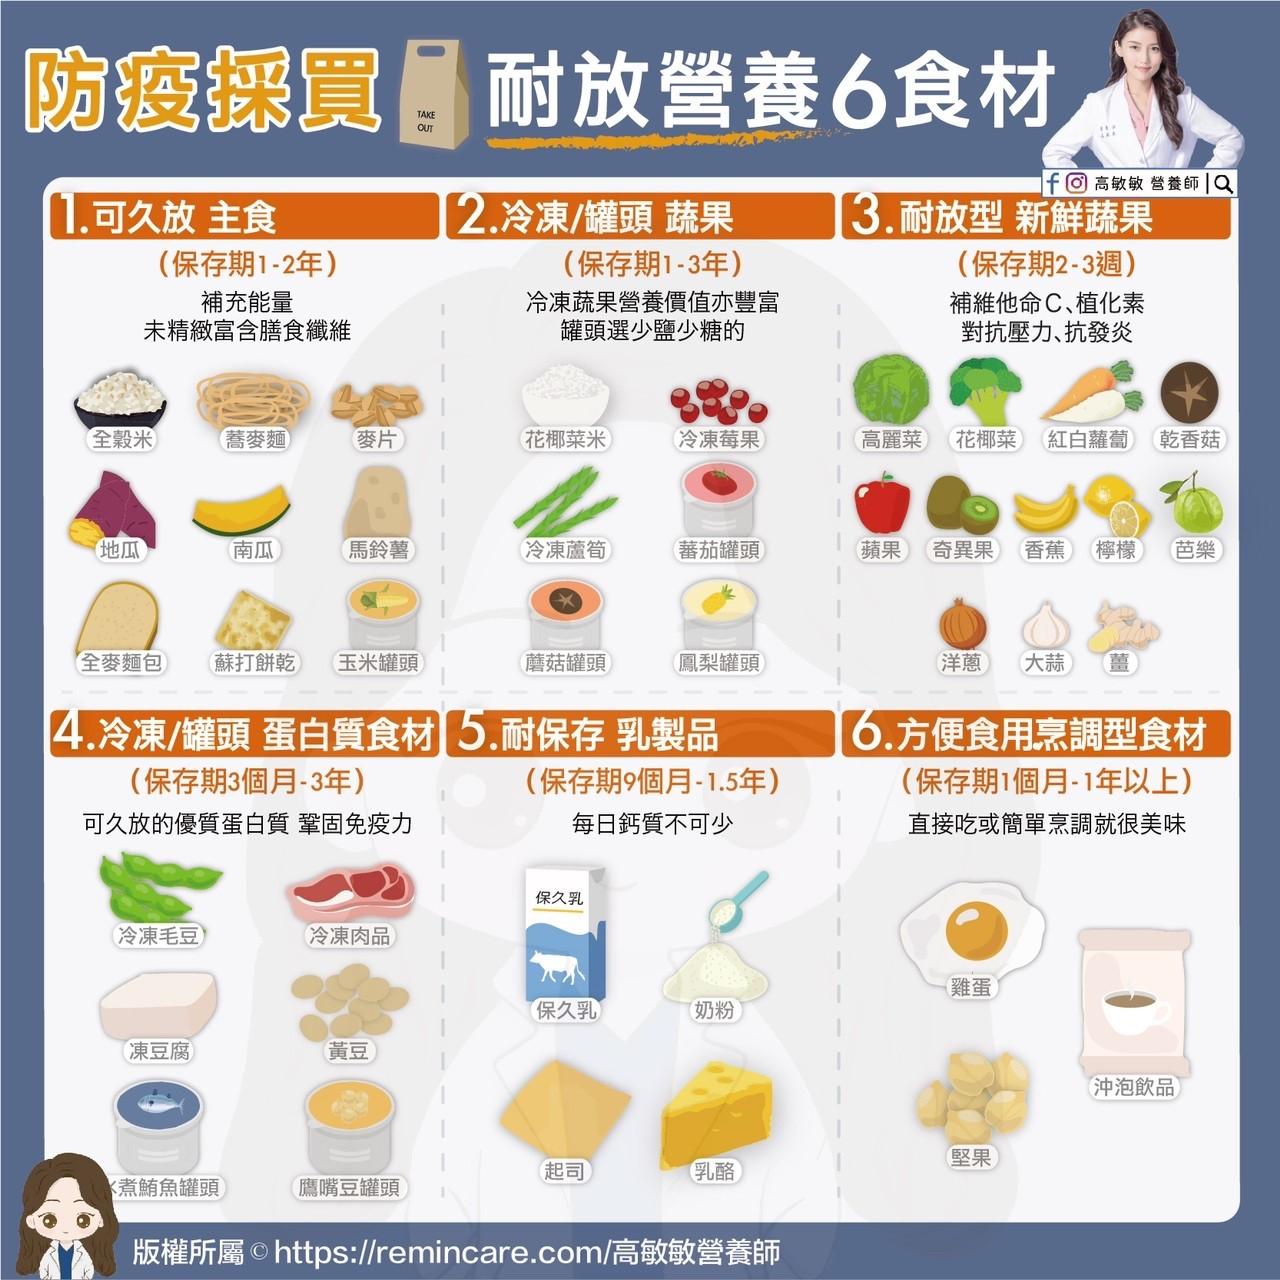 採買,米,麵,麥片,地瓜,南瓜,馬鈴薯,全麥麵包,蘇打餅乾,花椰菜,高麗菜,蘿蔔,蘋果,芭樂,奇異果,香蕉,罐頭,乳製品,雞蛋,堅果